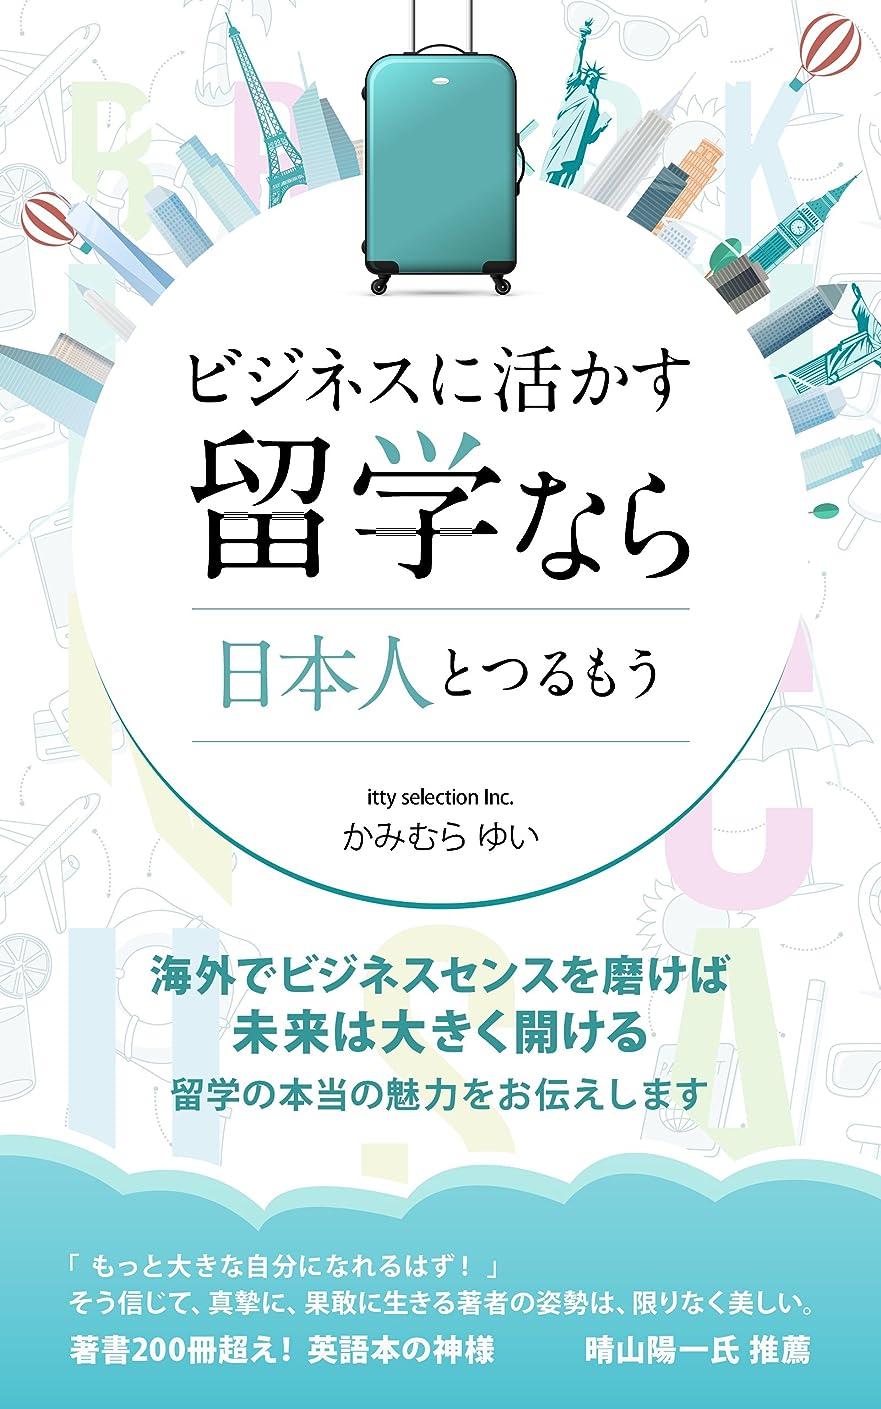 慈悲アラーム恵みビジネスに活かす留学なら日本人とつるもう: キャリアアップの秘訣は、英語よりも「ビジネスセンス」